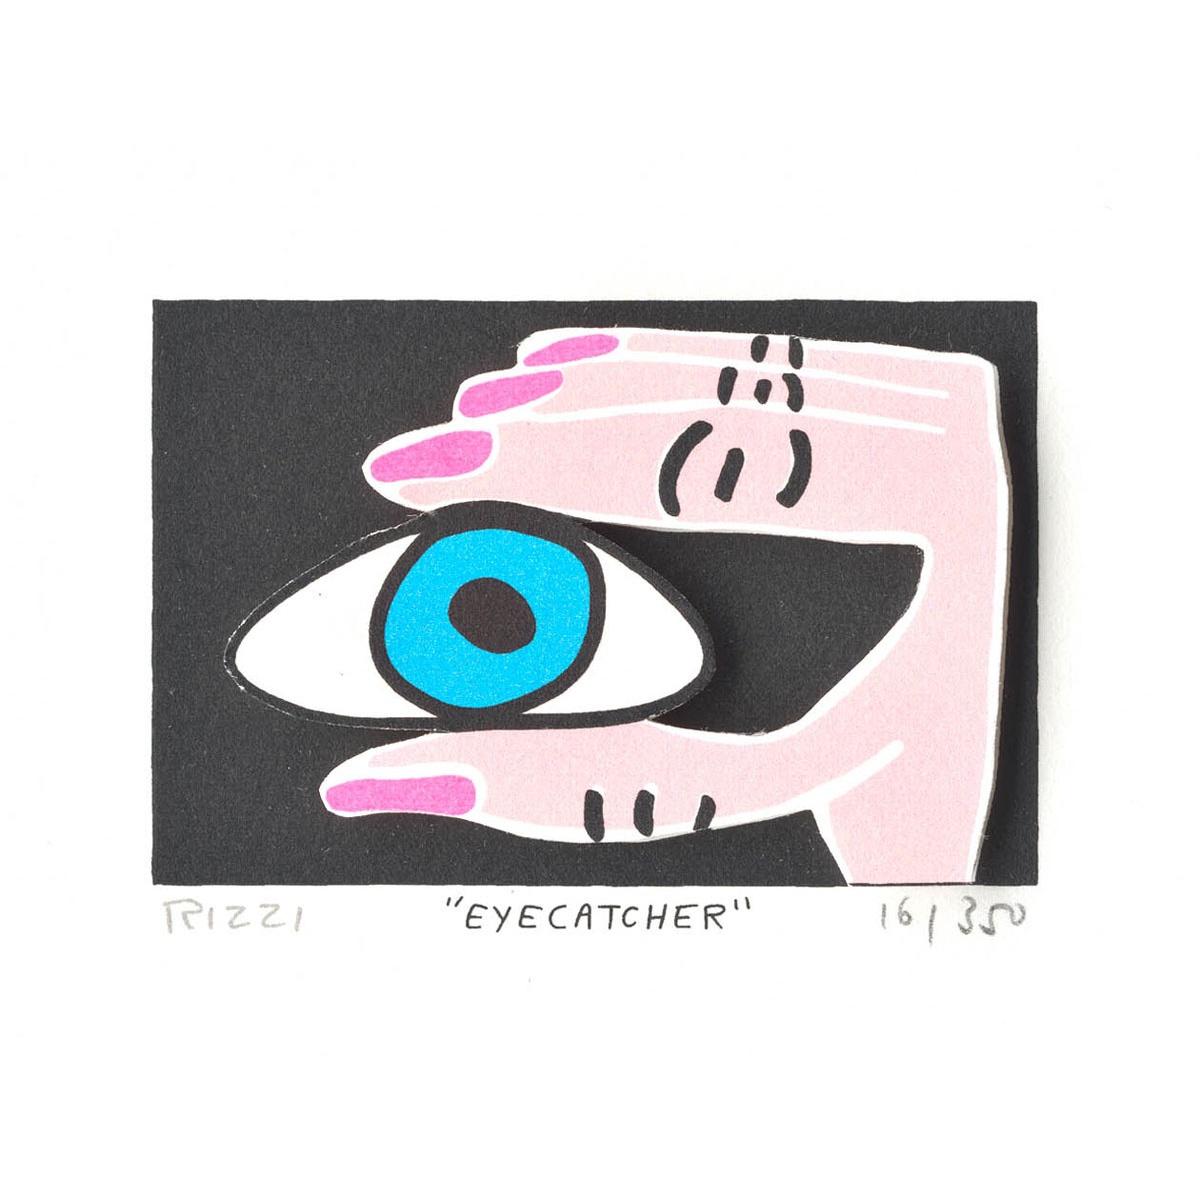 Eyecatcher von James Rizzi